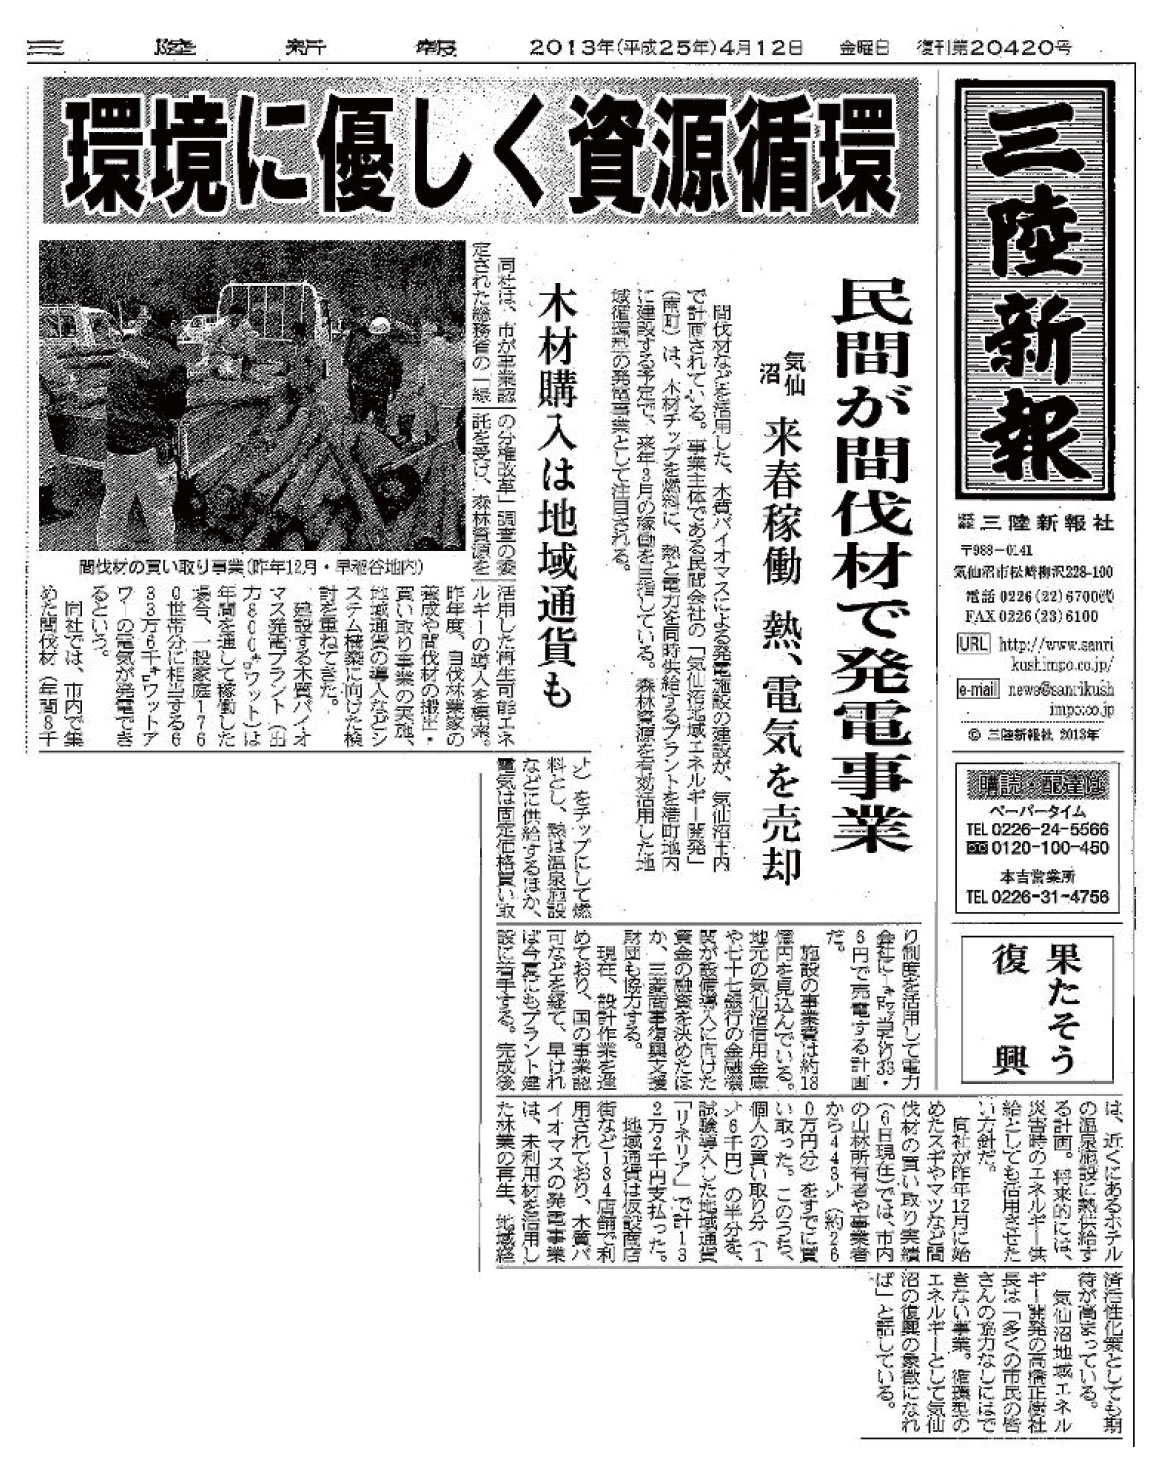 平成25年4月12日「民間が間伐材で発電事業」三陸新報